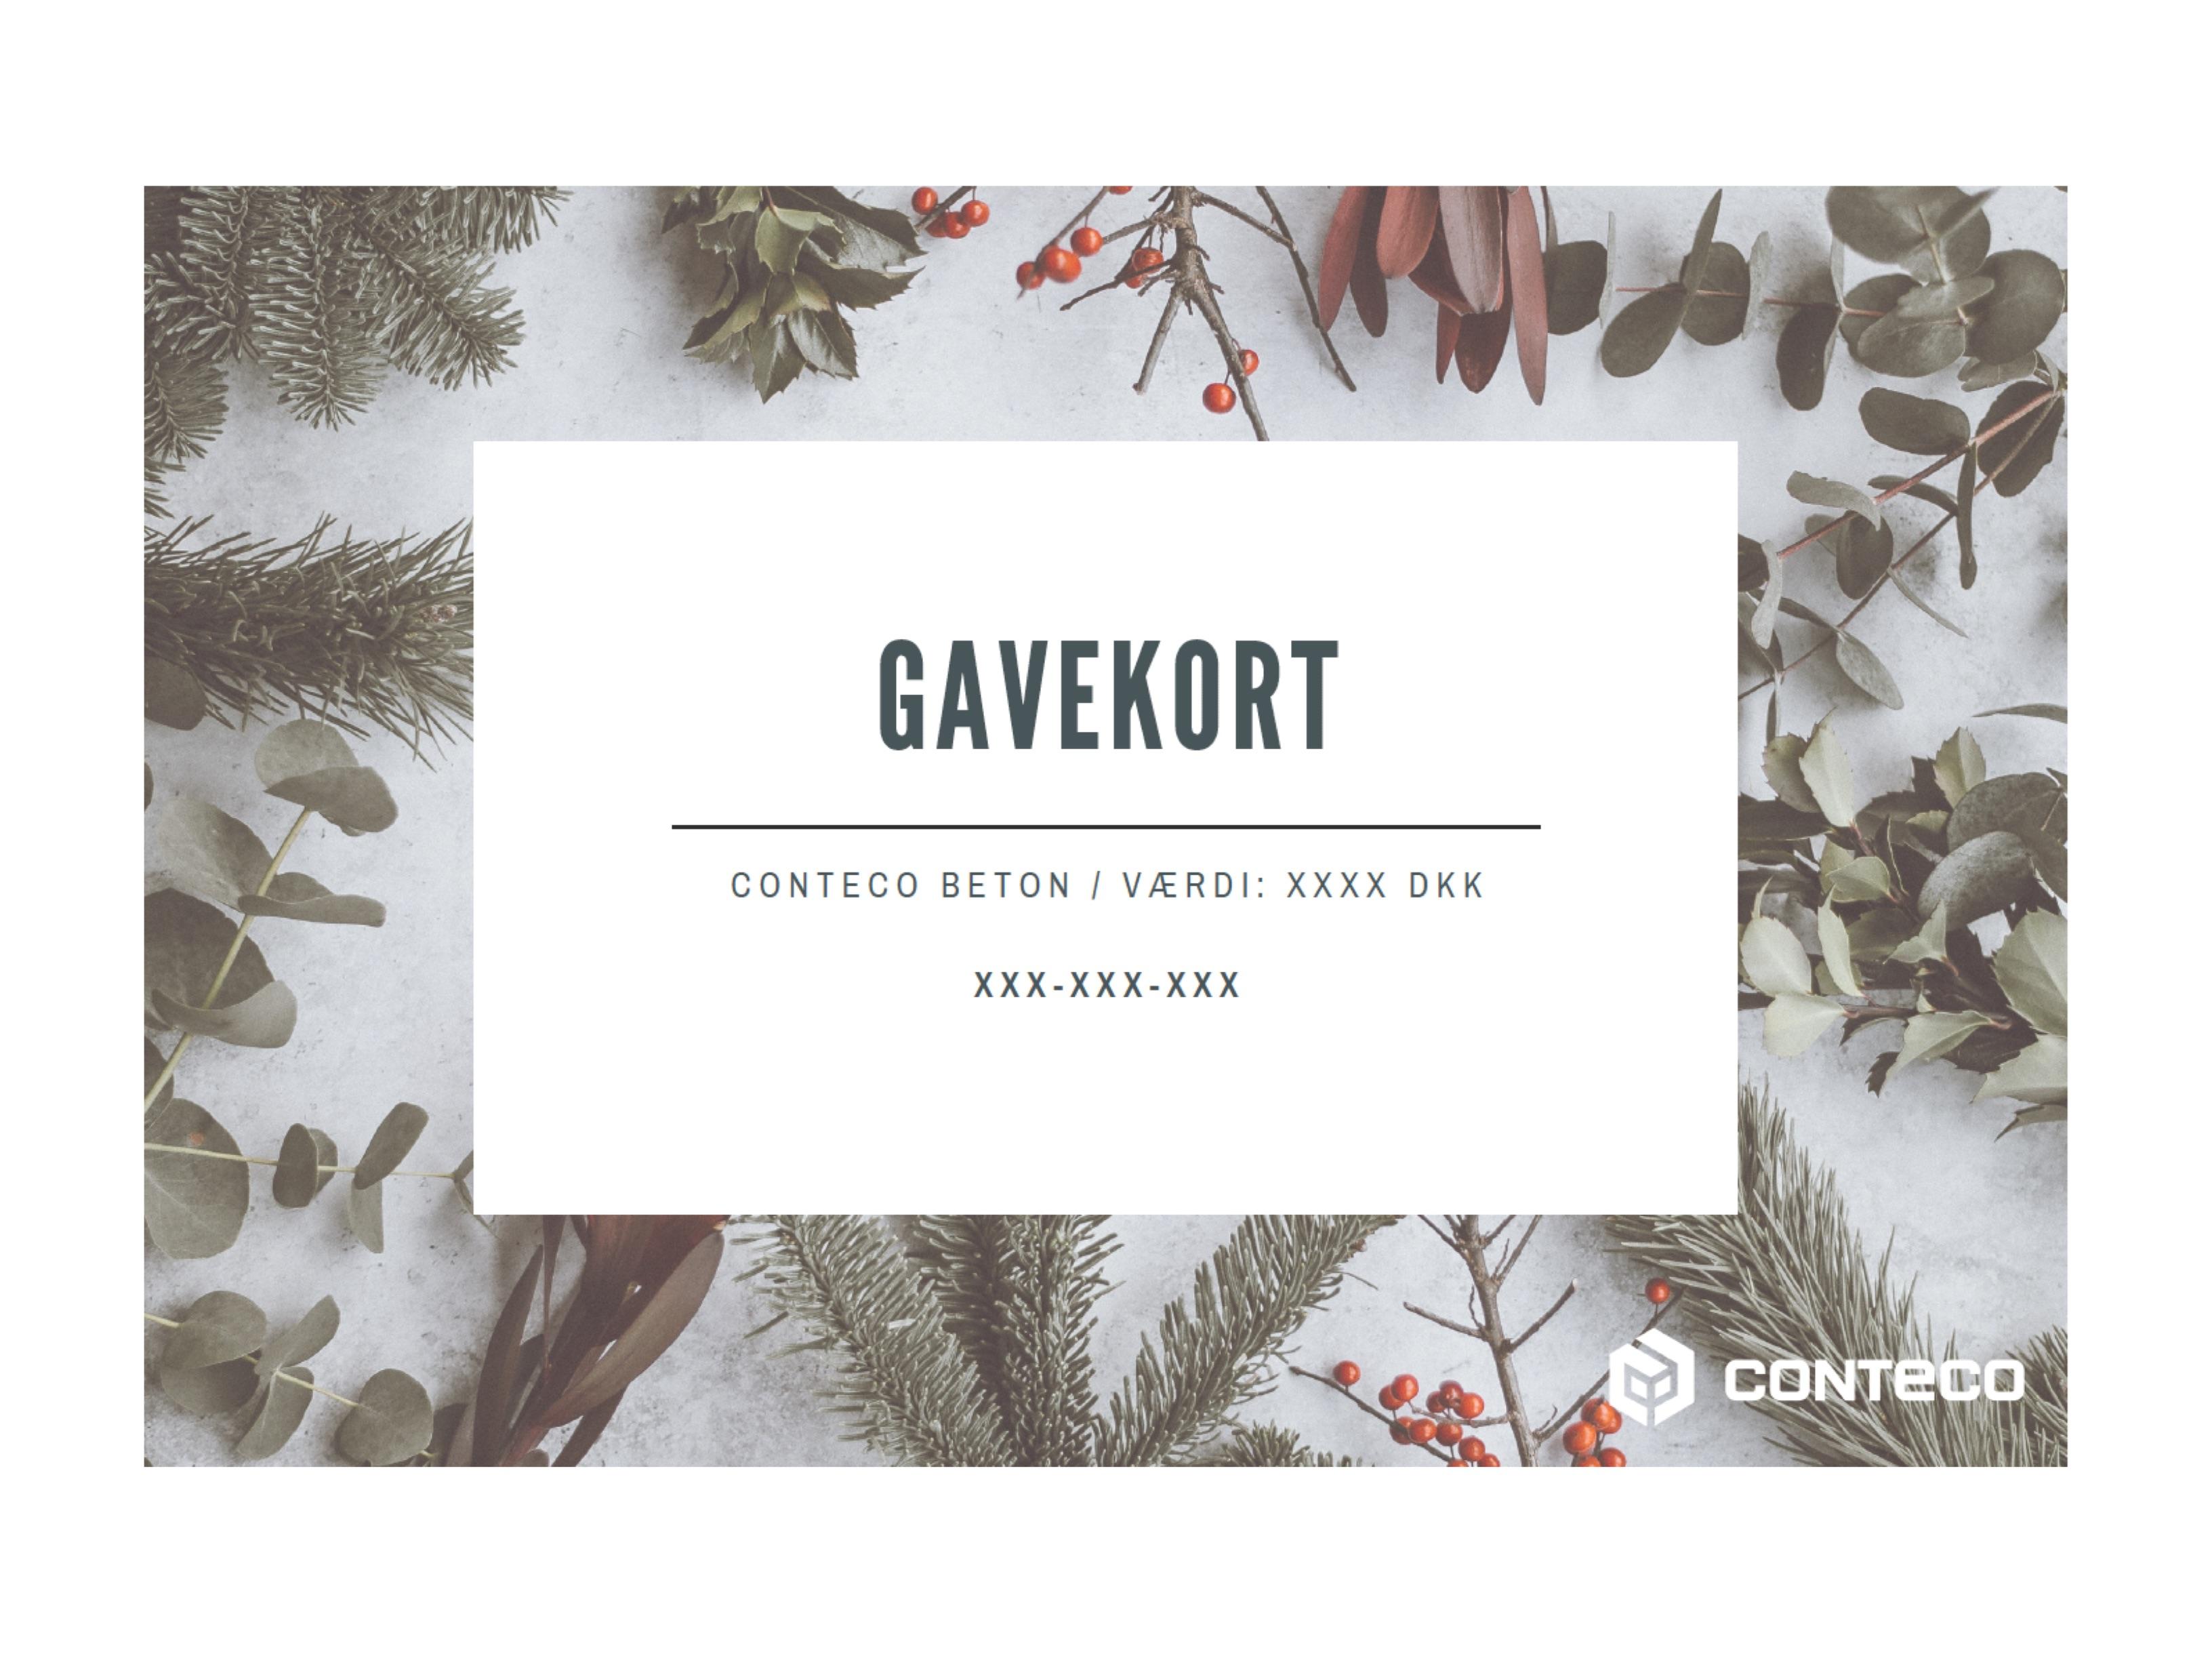 Gavekort Conteco